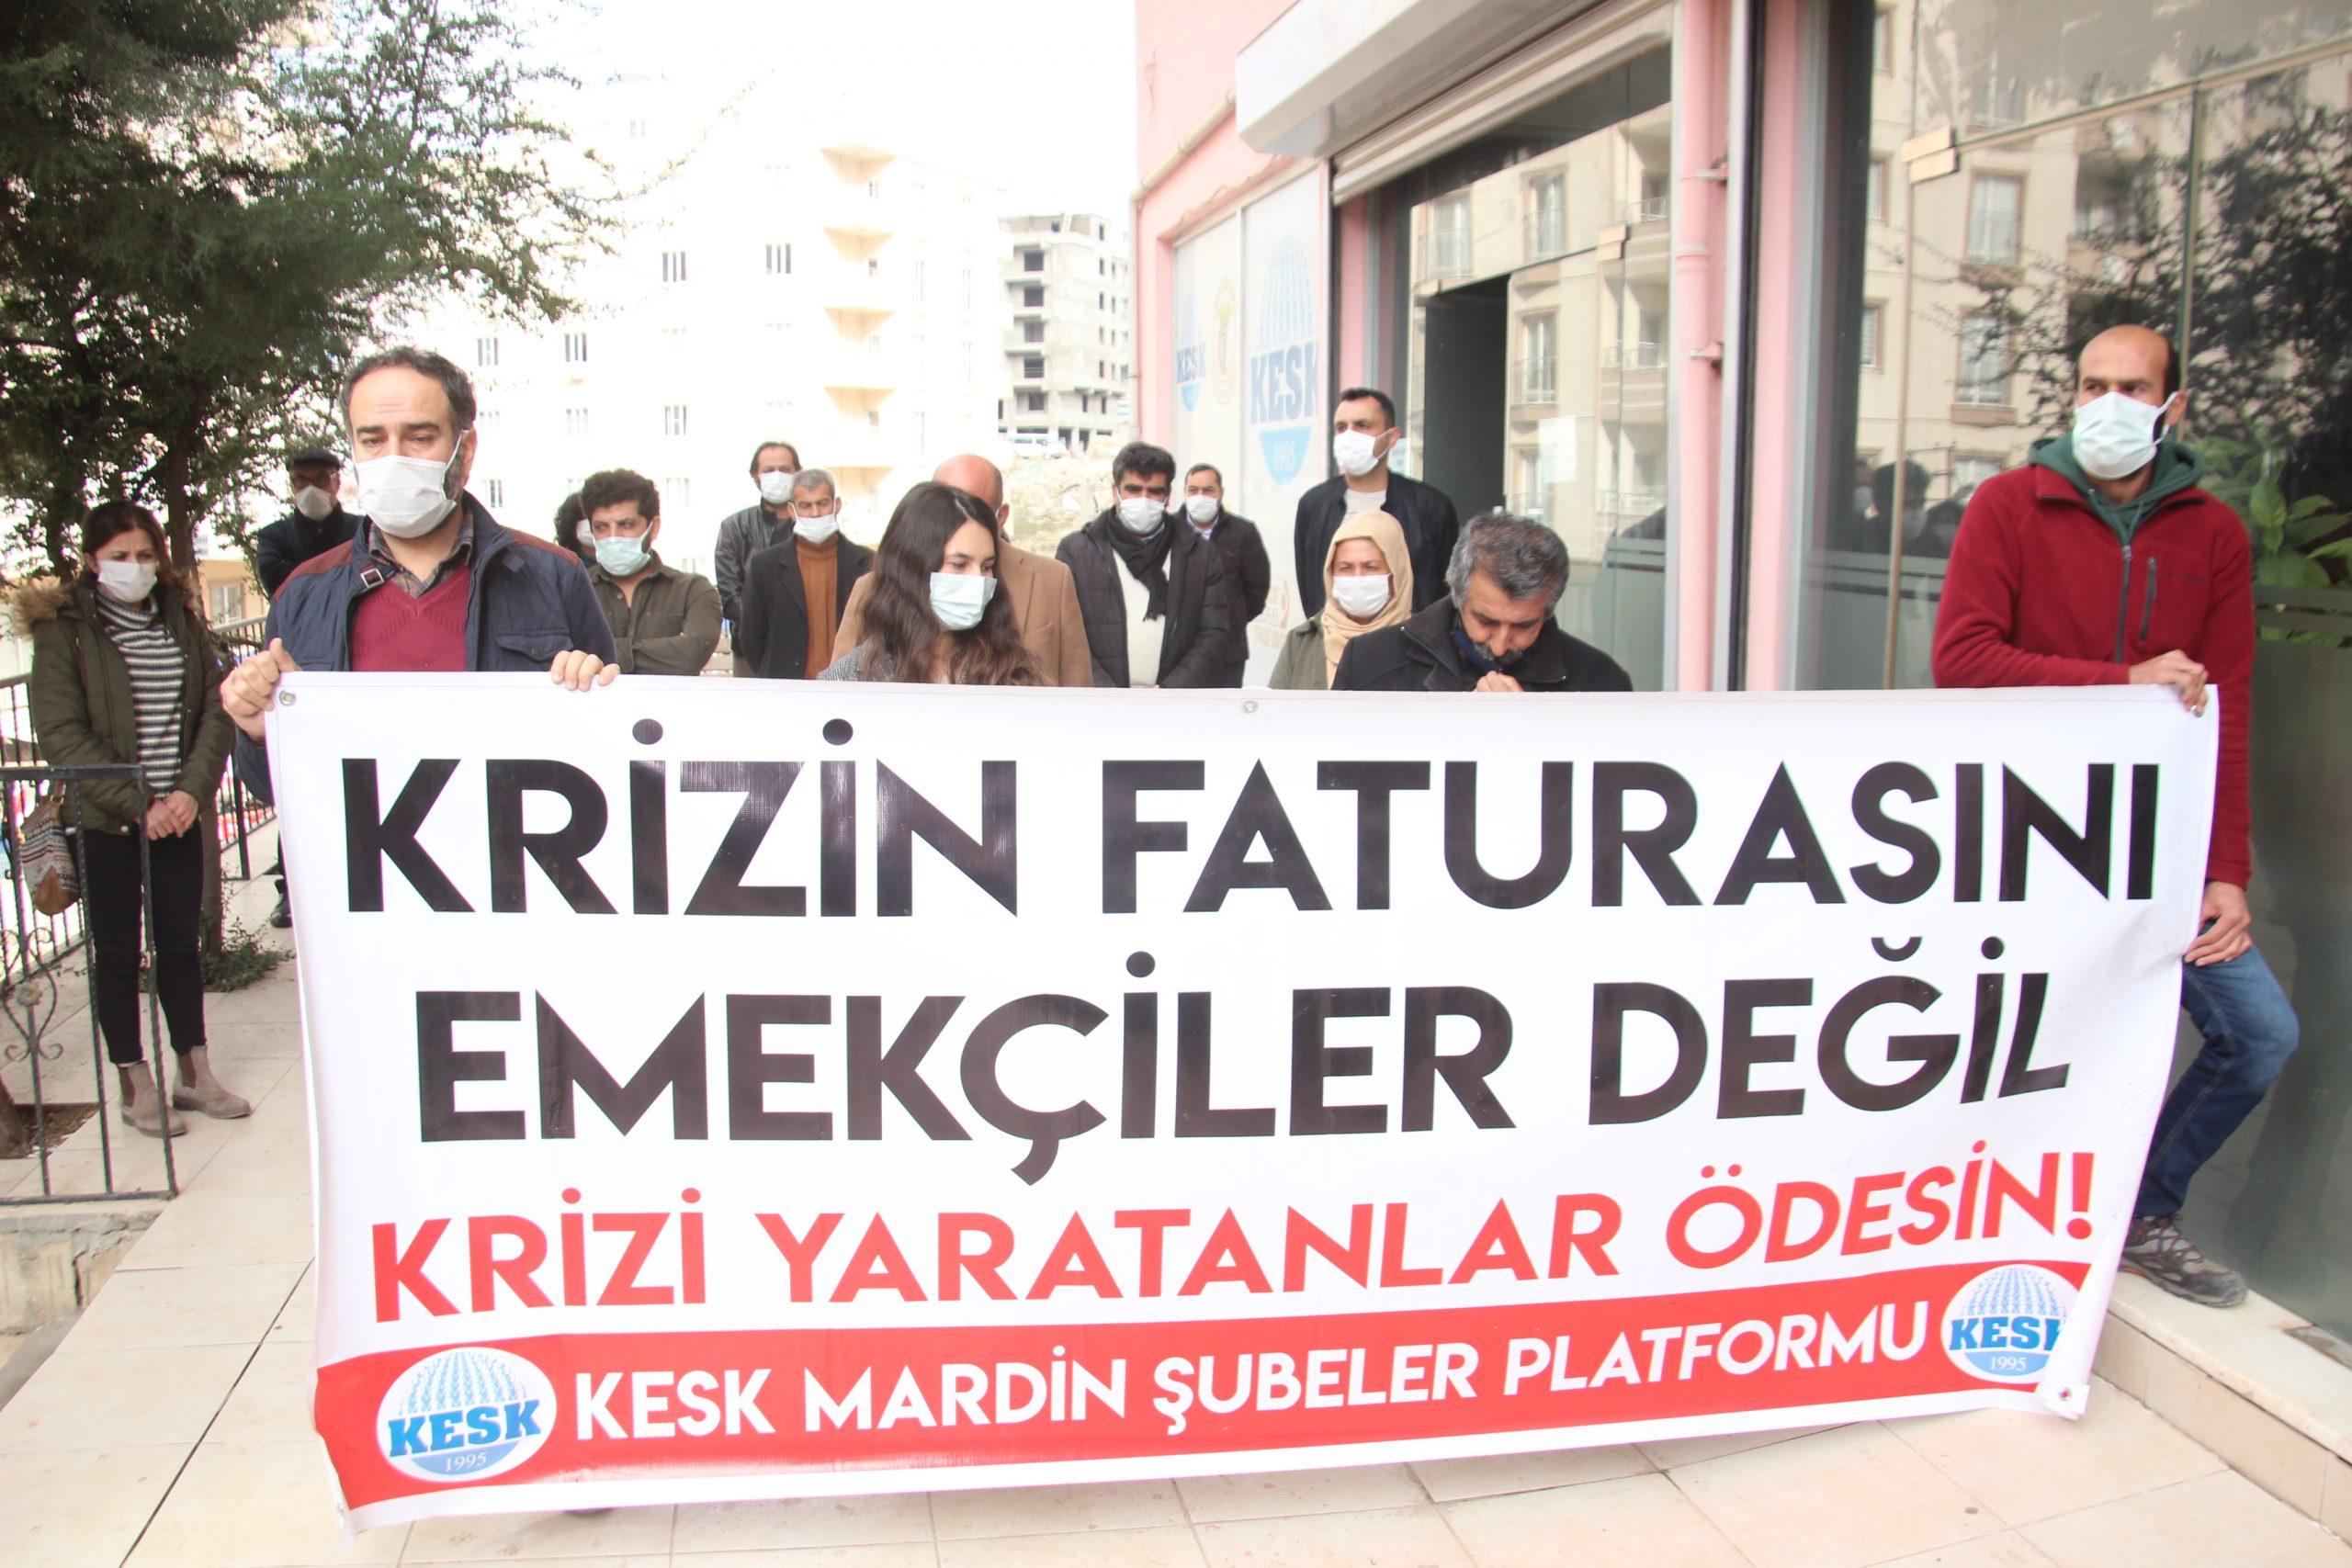 Mardin Emek ve Demokrasi Platformu: Patronlara Değil, Emekçilere Bütçe